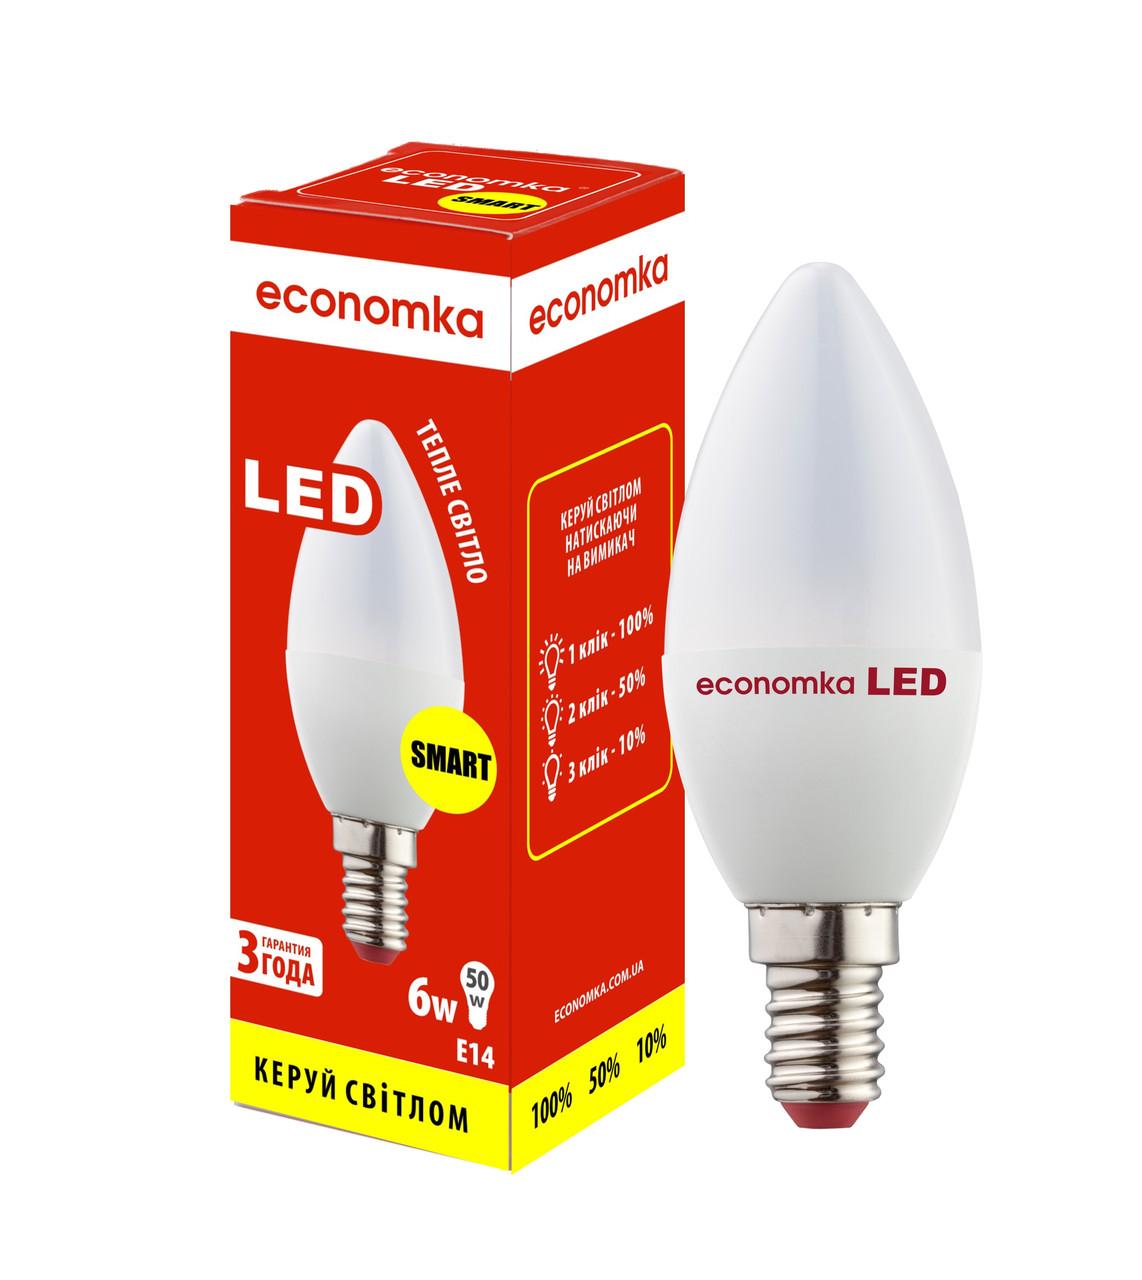 Умная светодиодная лампа Economka LED 6W SMART Е14-2800K